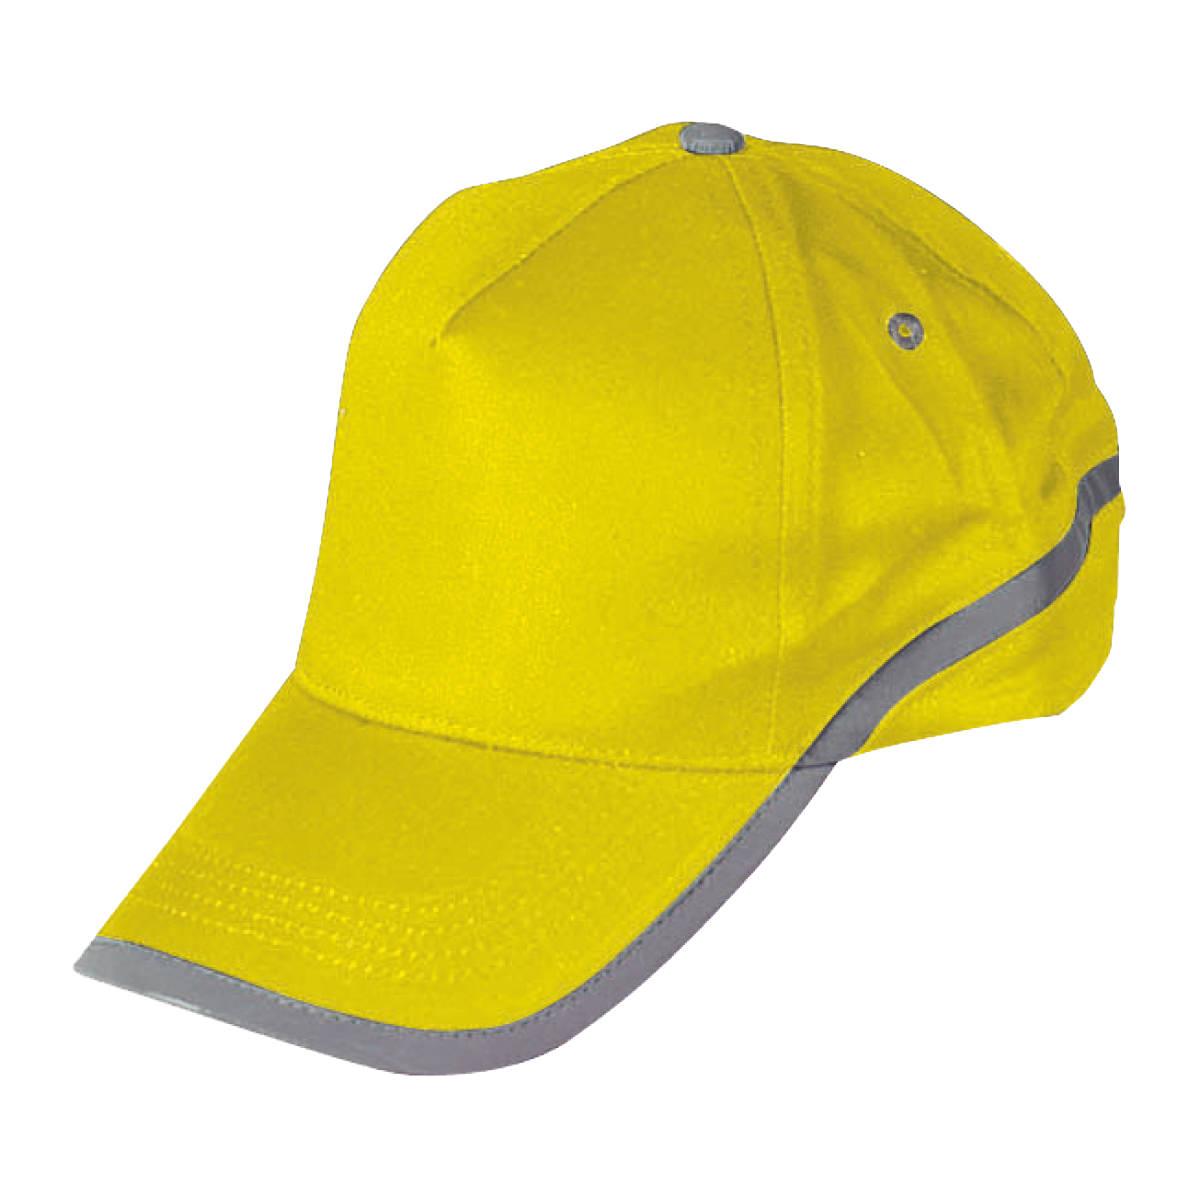 כובע מצחיה עם פס מחזיר אור - בוסטון